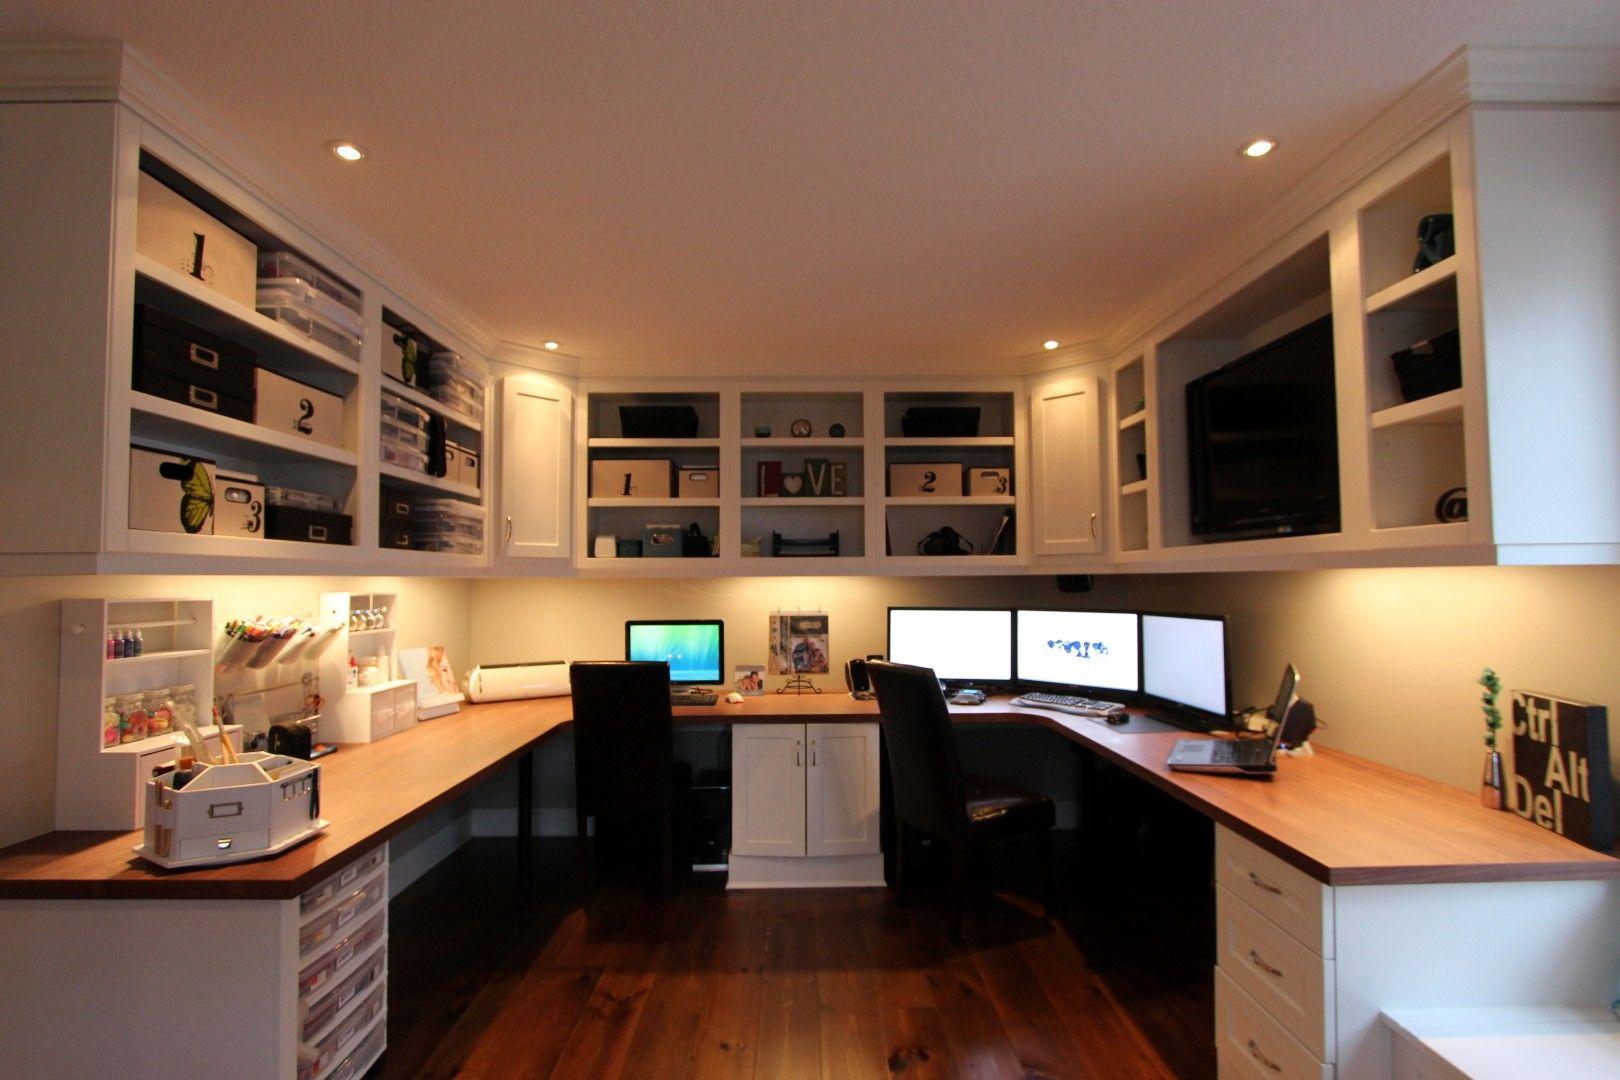 معماری و طراحی داخلی دفتر کار خانگی